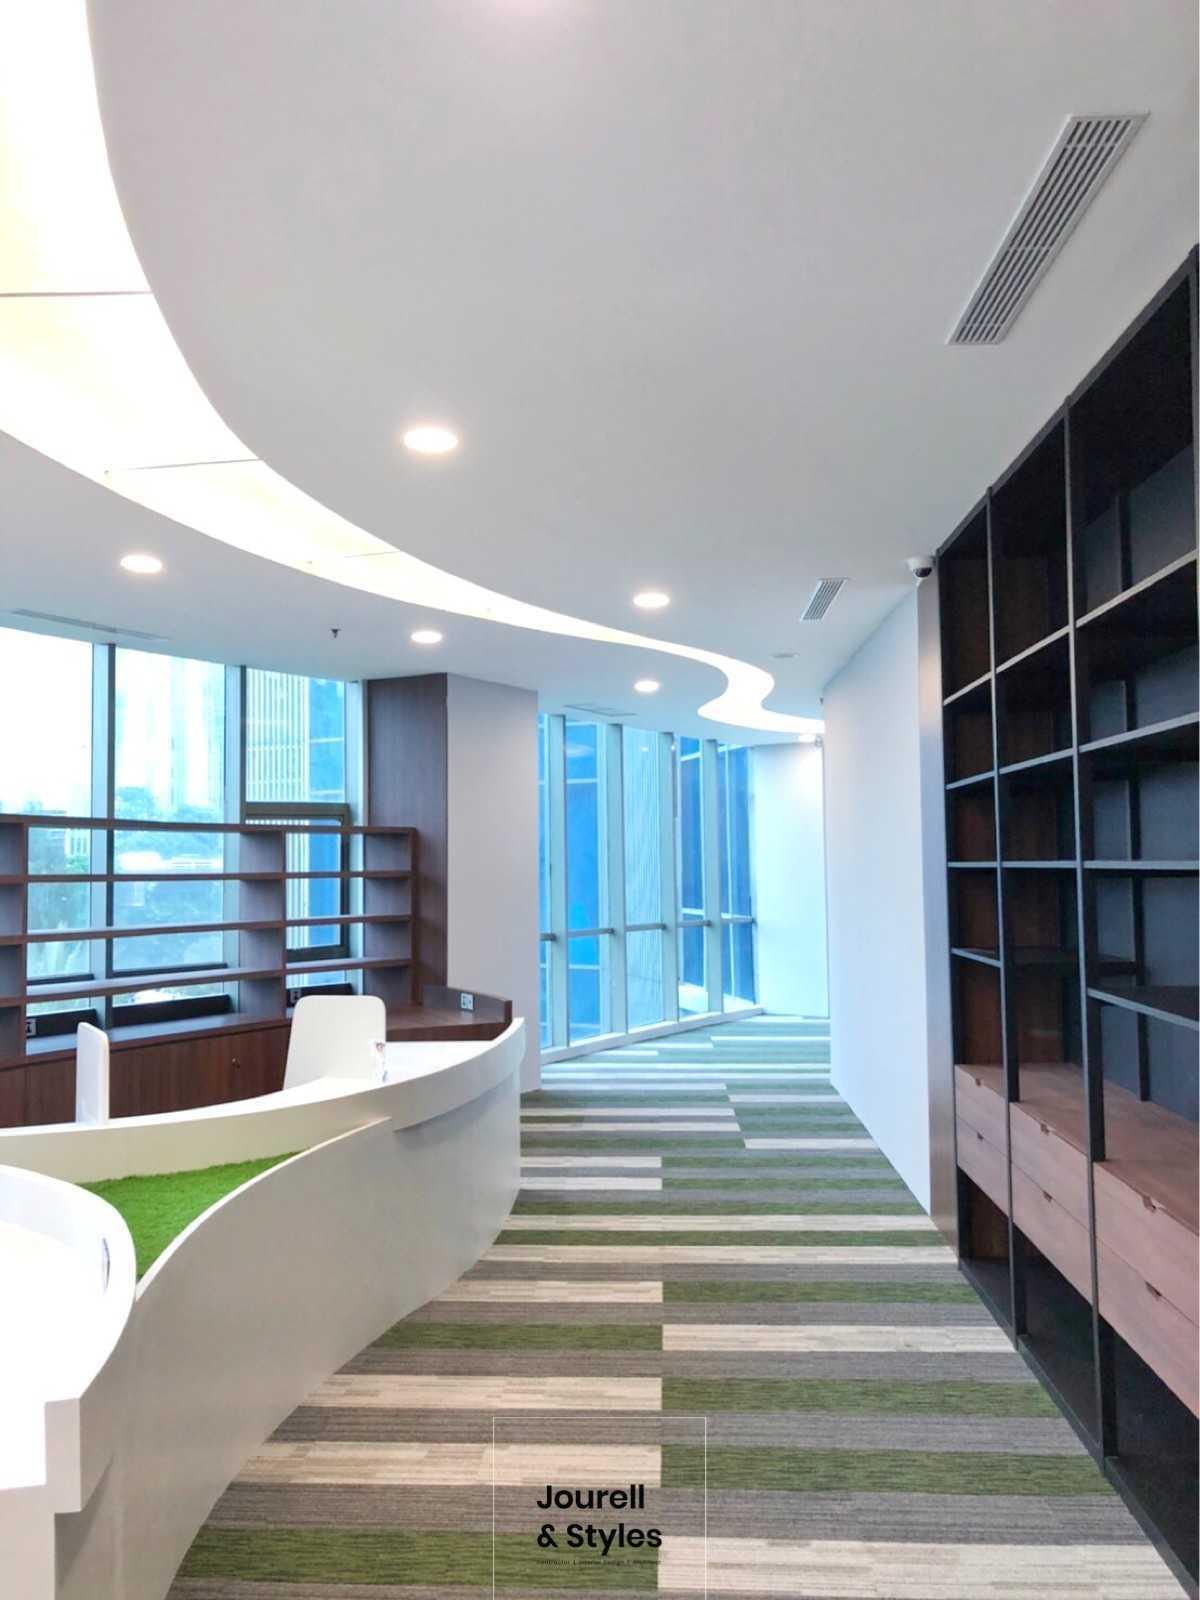 Jourell & Styles Office Trading Jakarta, Daerah Khusus Ibukota Jakarta, Indonesia Jakarta, Daerah Khusus Ibukota Jakarta, Indonesia Jourell-Styles-Office-Trading   134541